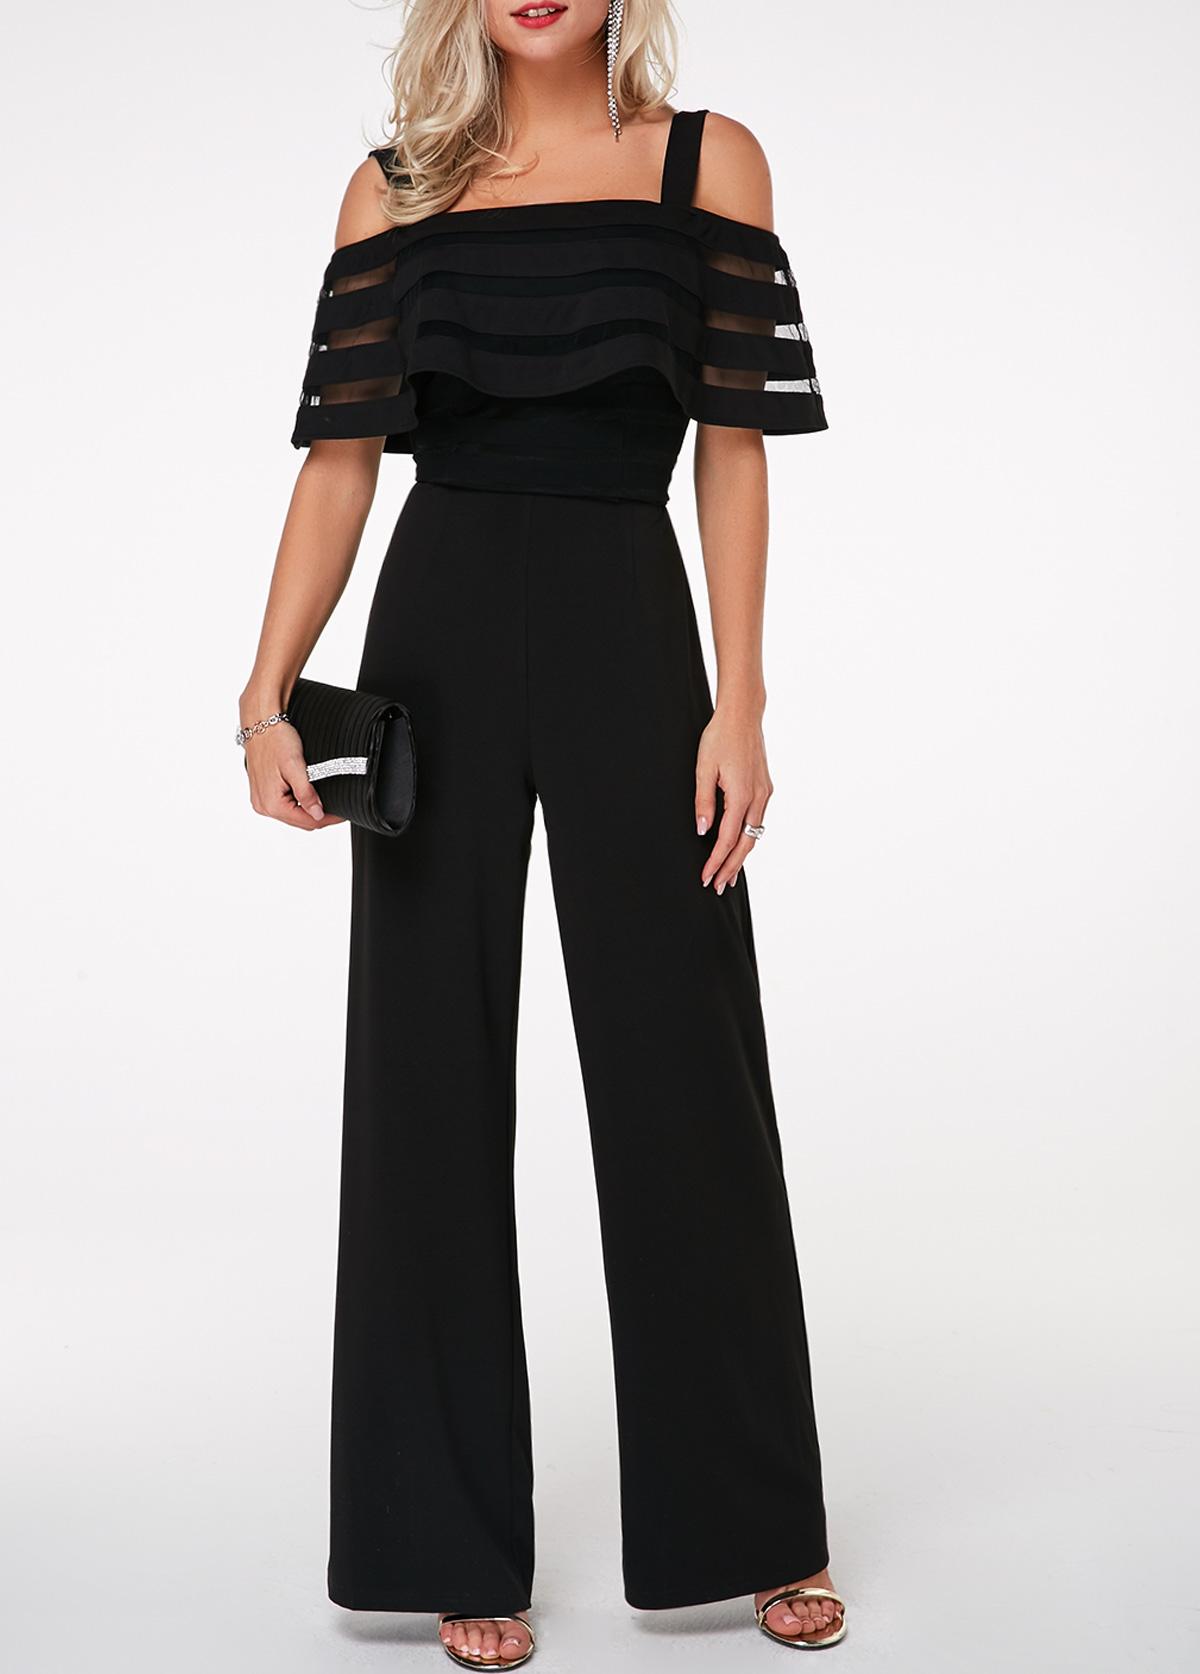 ROTITA Overlay Embellished Strappy Cold Shoulder Black Jumpsuit